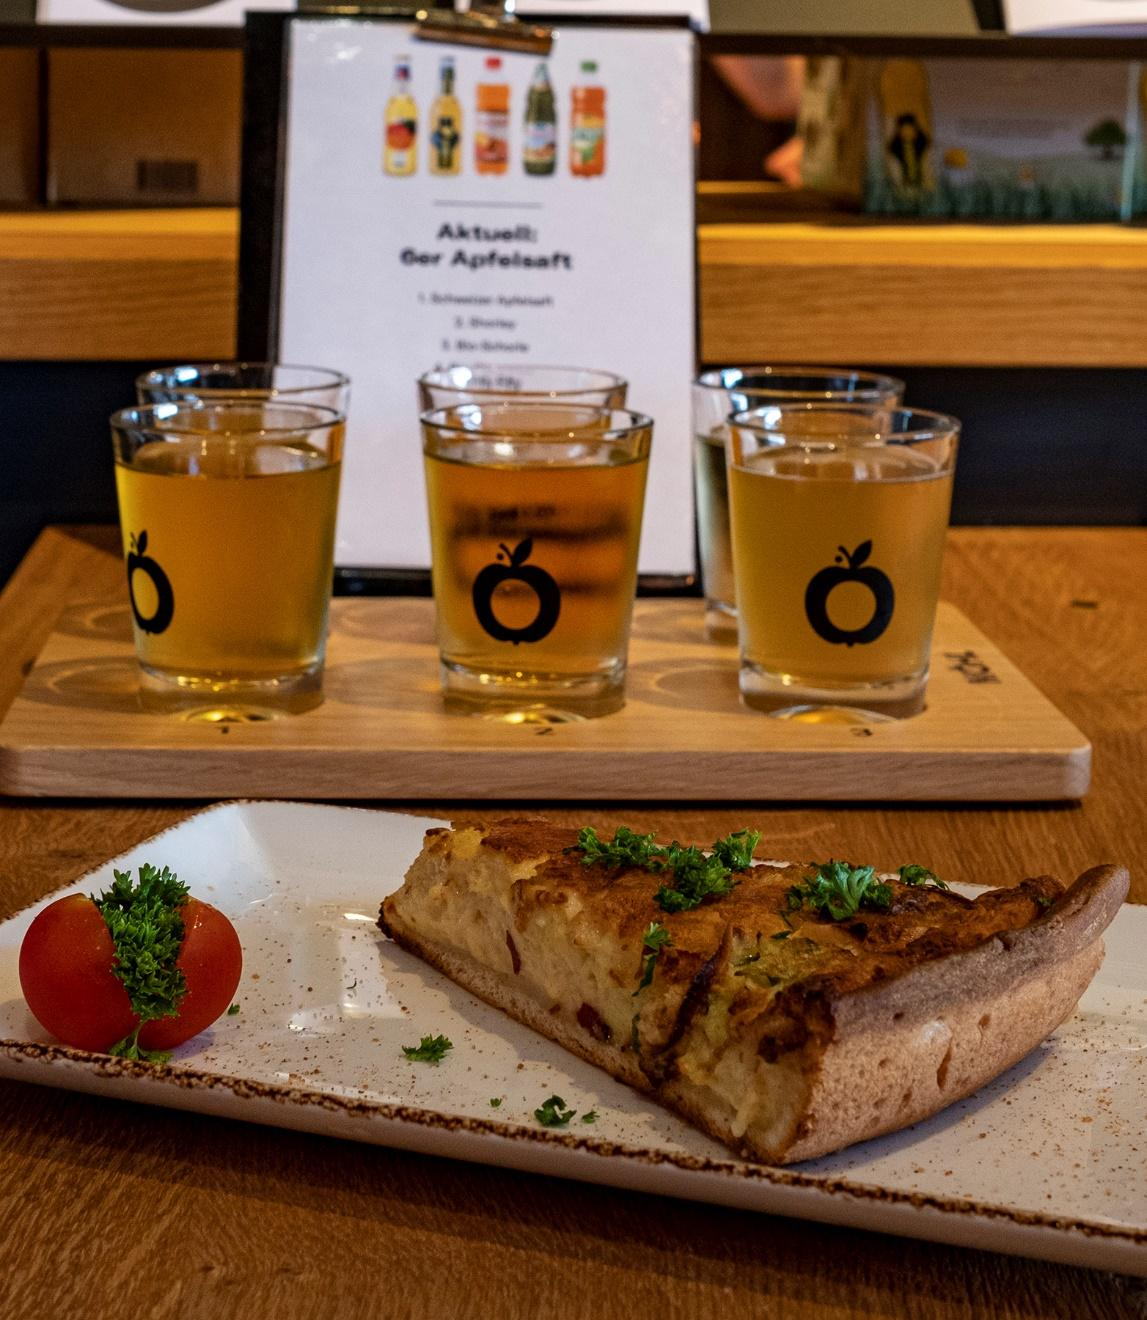 C:\janka\sajat\Jogász Cafe\Bodeni-tó_Bagó Tünde\Rajnától Rajnáig a Bodeni-tó mellett\Fotó4.jpg